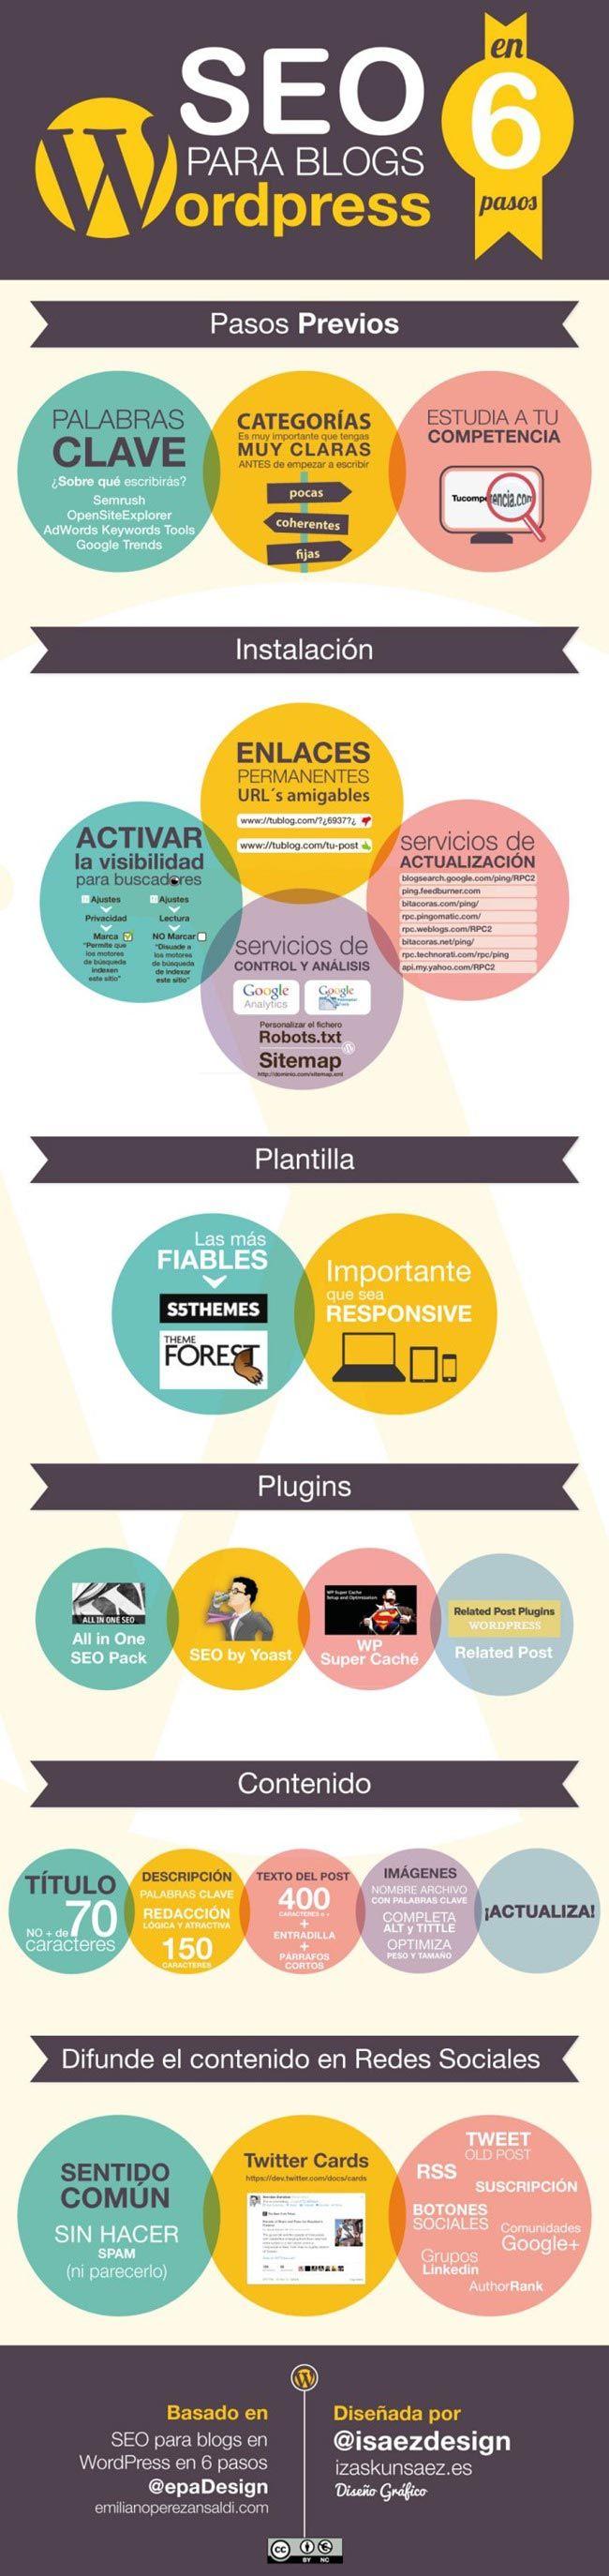 SEO para WordPress. Infografía - Corbax SEO